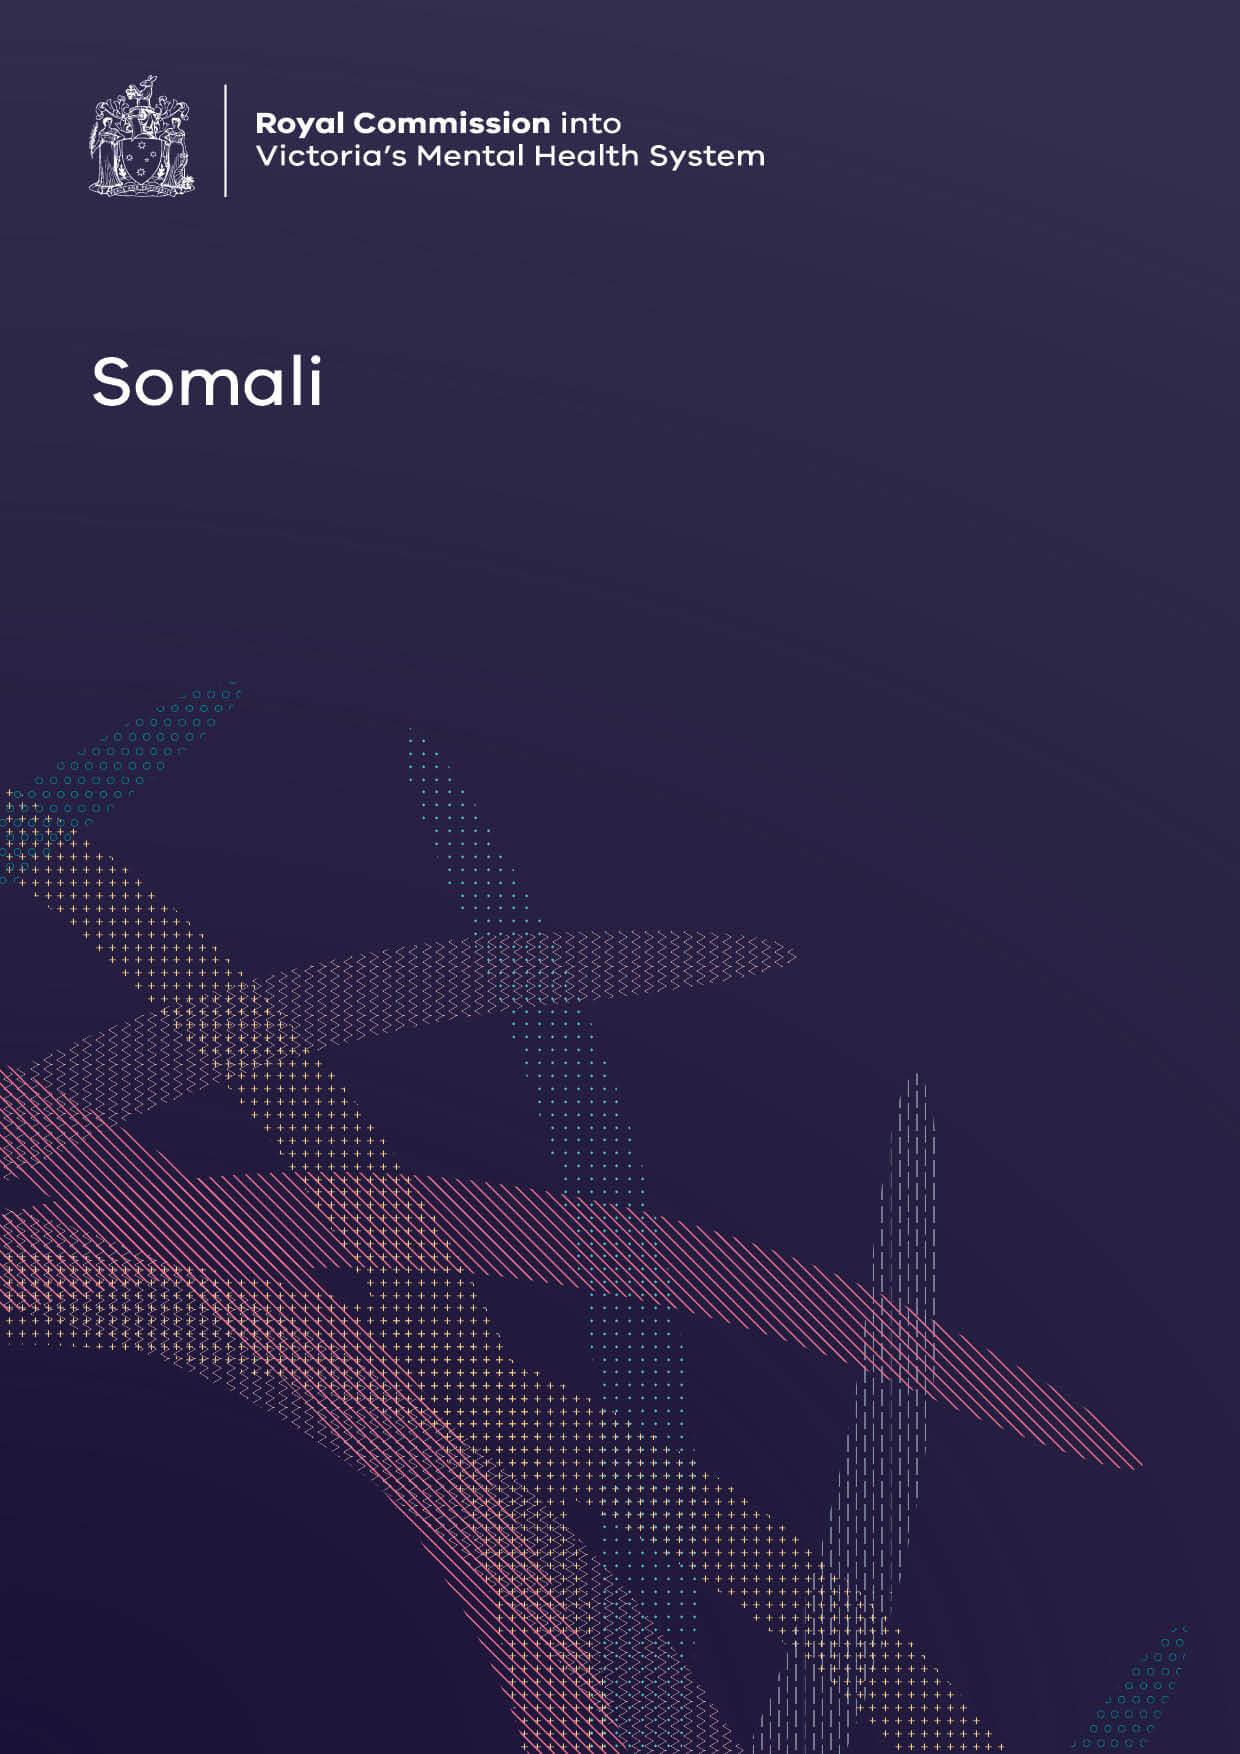 RCVMHS_FinalReport_Covers_Somali